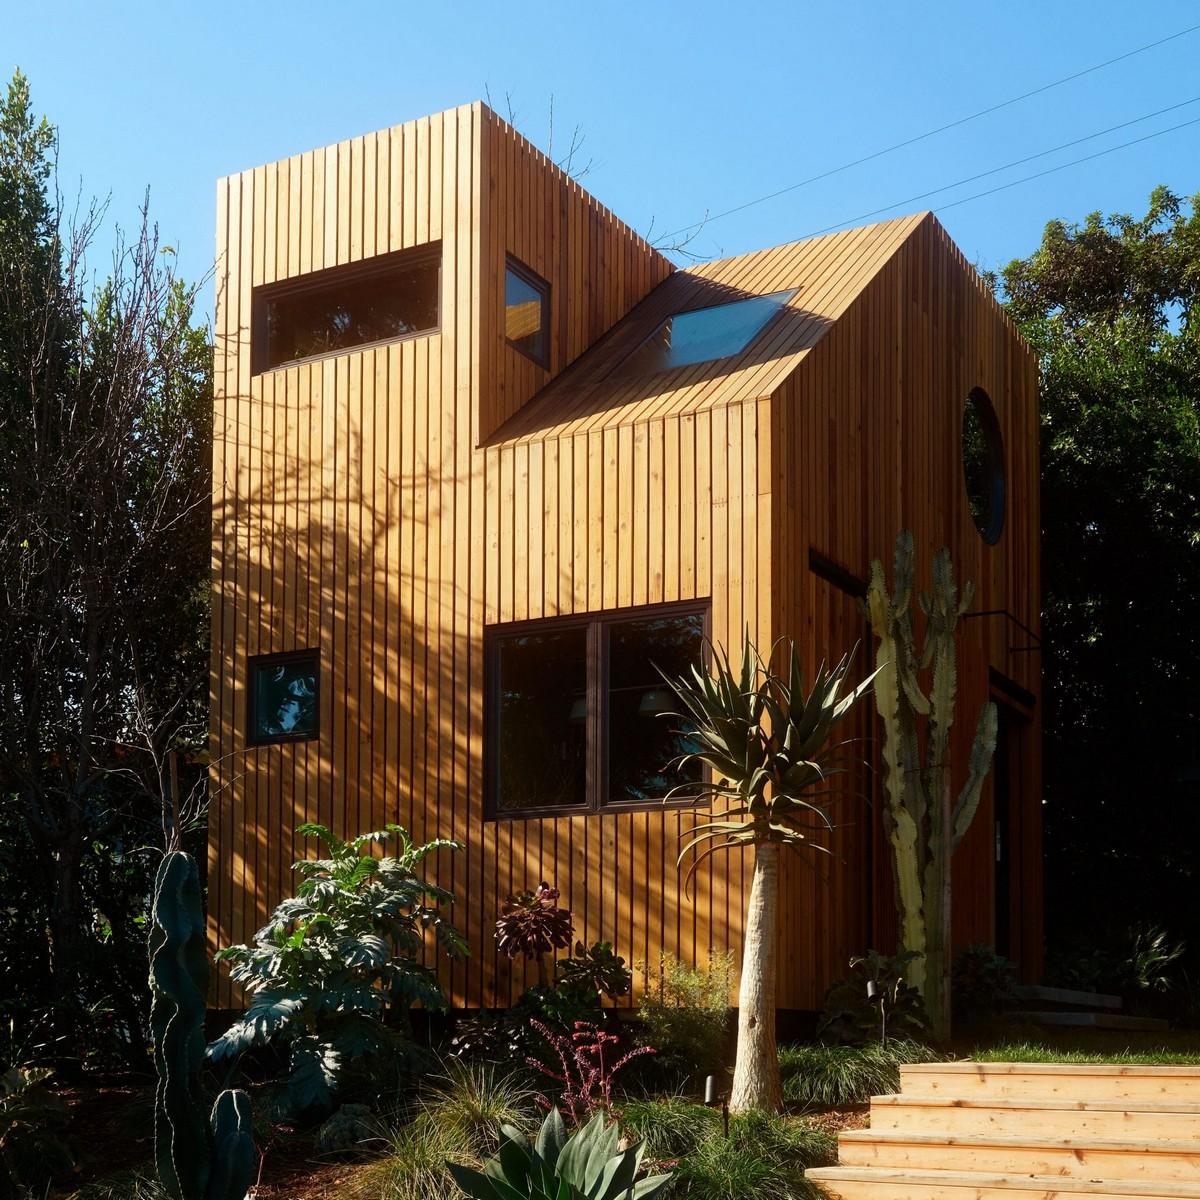 Гостевой дом для работы и отдыха в районе Лос-Анджелеса